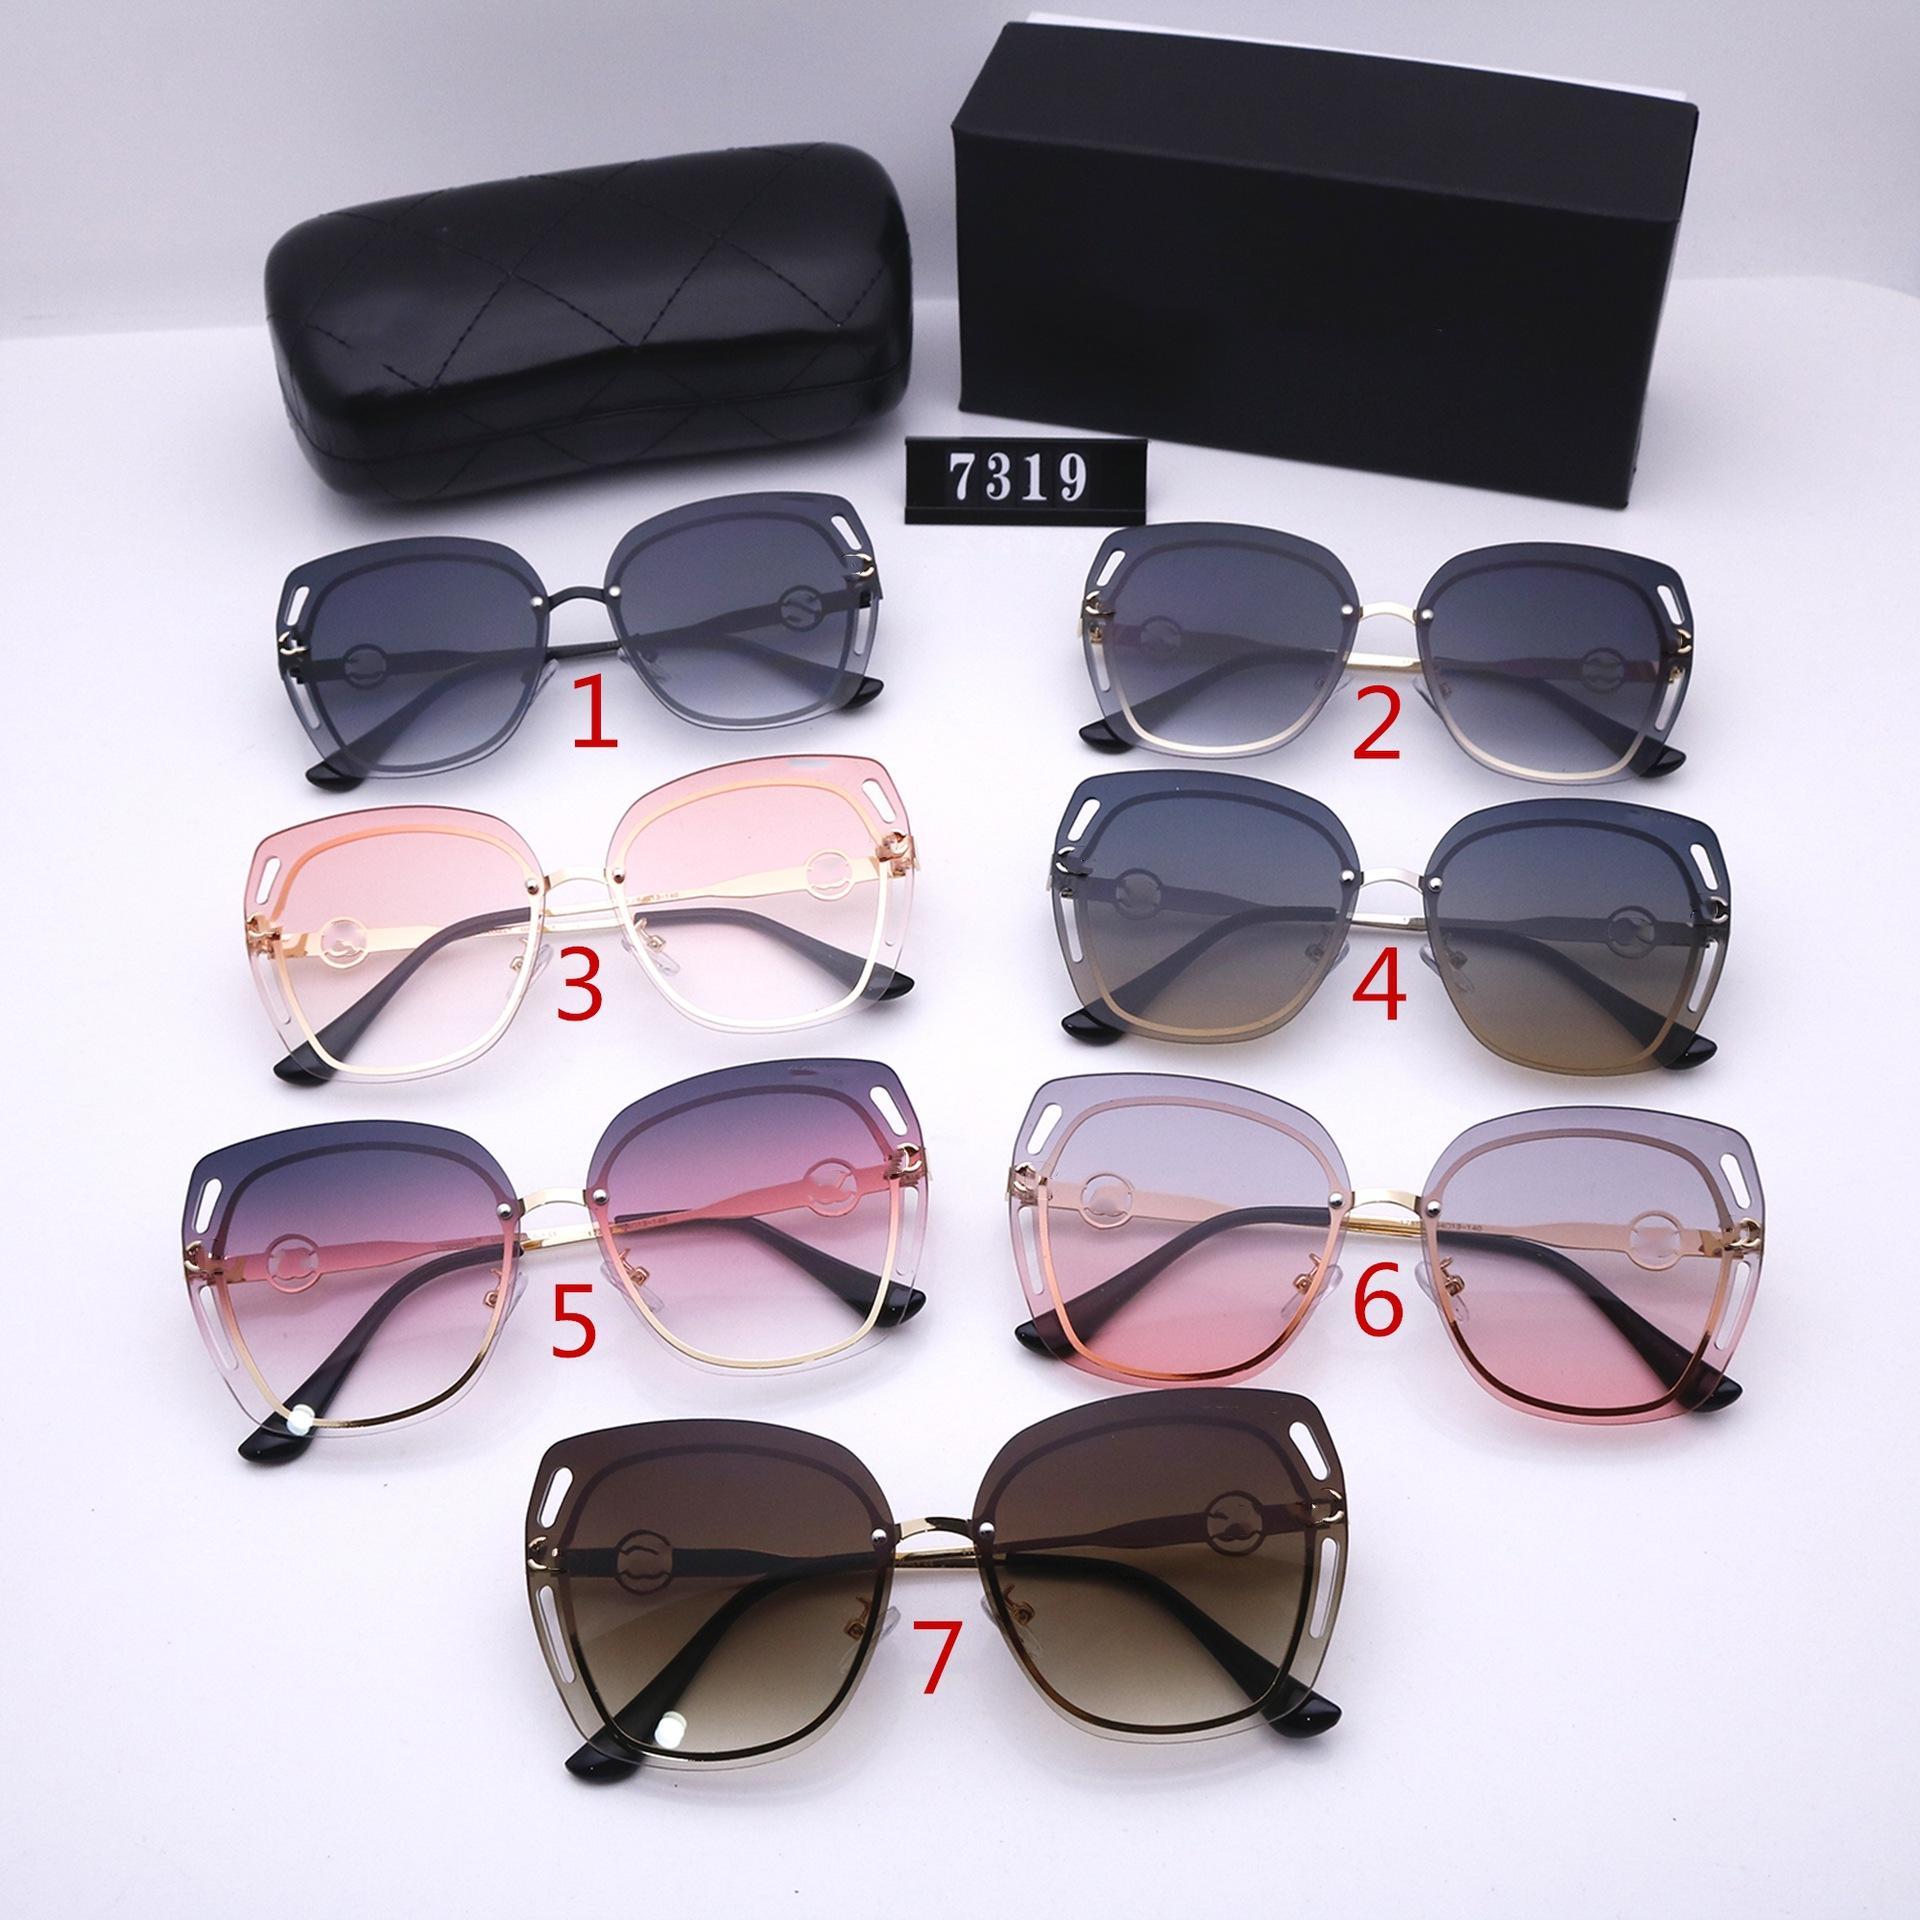 Семь Цветов Мода Безумические солнцезащитные очки для женщин Роскошные дизайнеры Высококачественные HD Поляризованные линзы Большие рамочные очки 7319